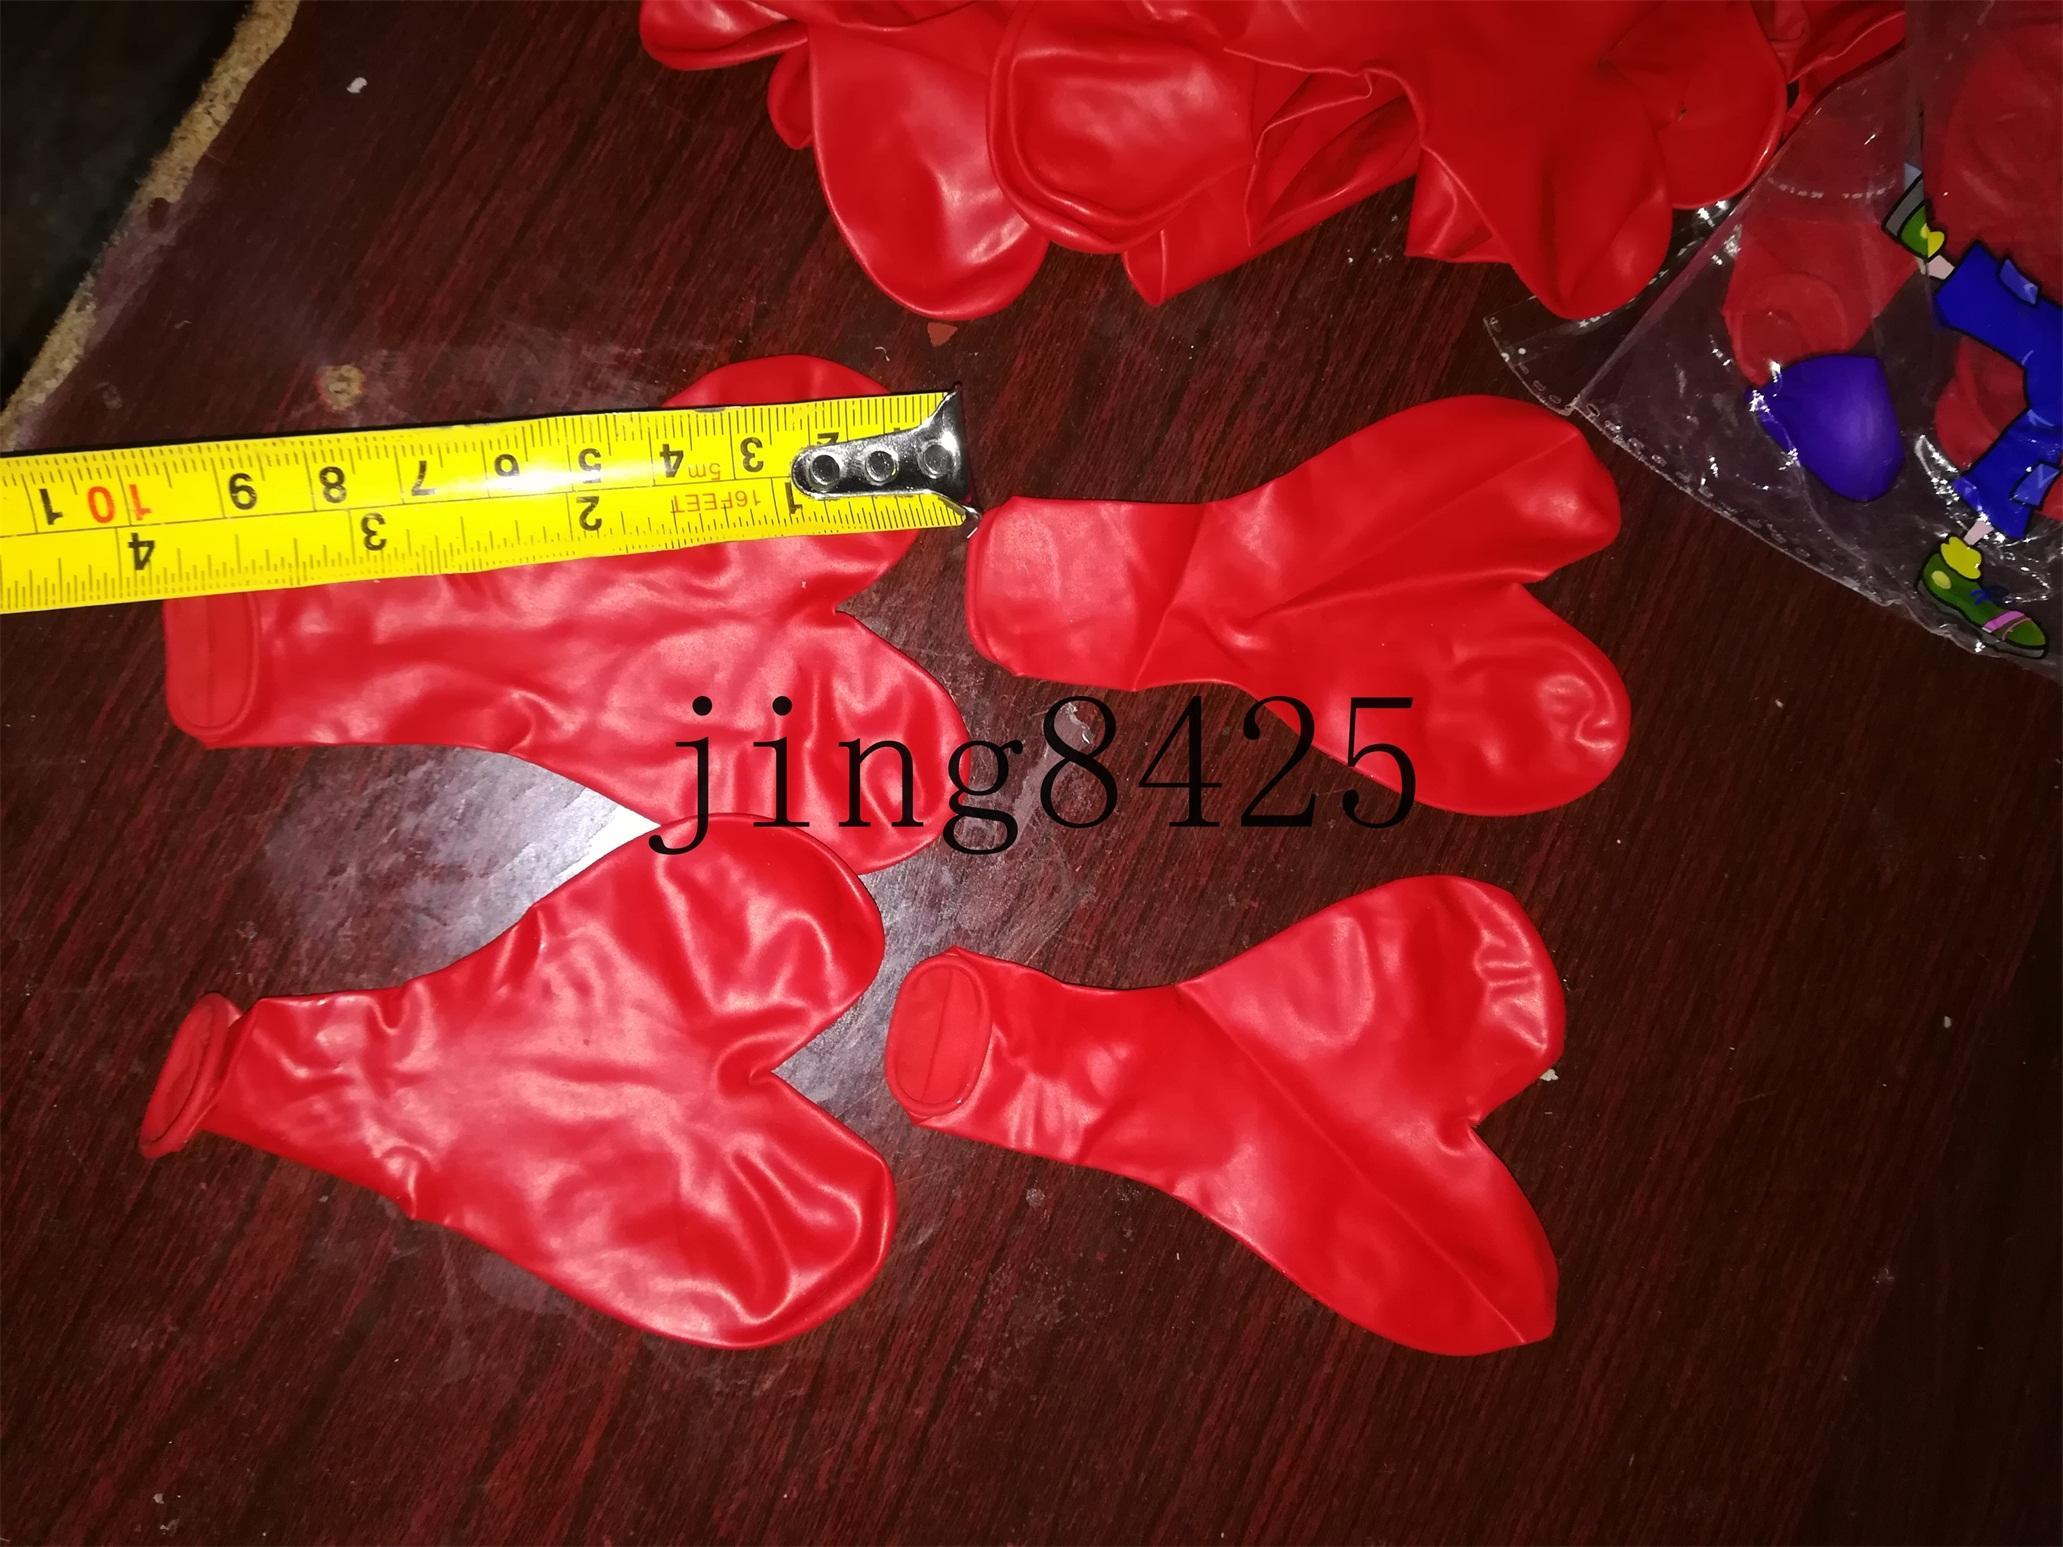 50 шт. / лот 10 дюймов день рождения свадьба питания красный любовь Сердце воздушные шары красочные партии латекс воздушный шар / баллон дети надувные игрушки